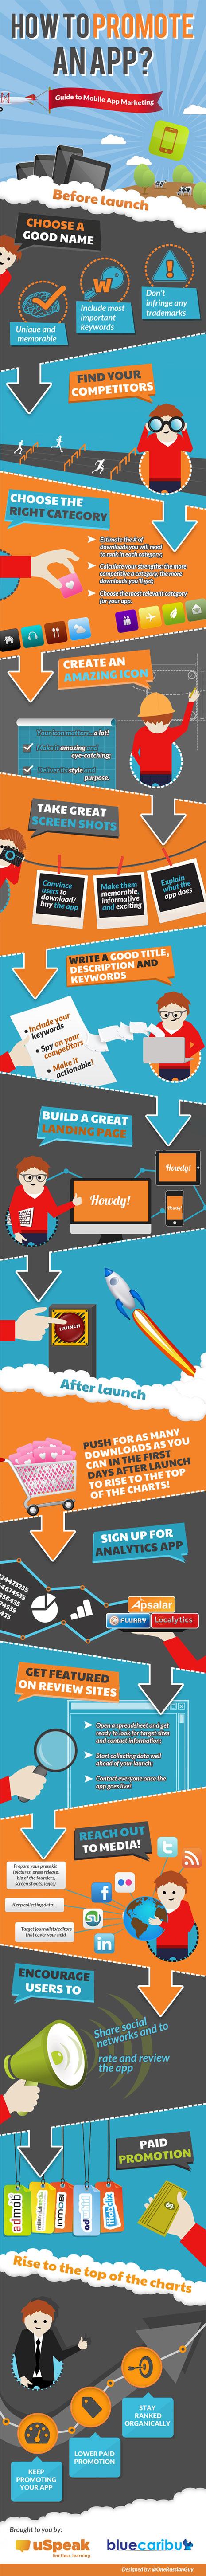 Guía rápida para hacer marketing de una aplicación móvil